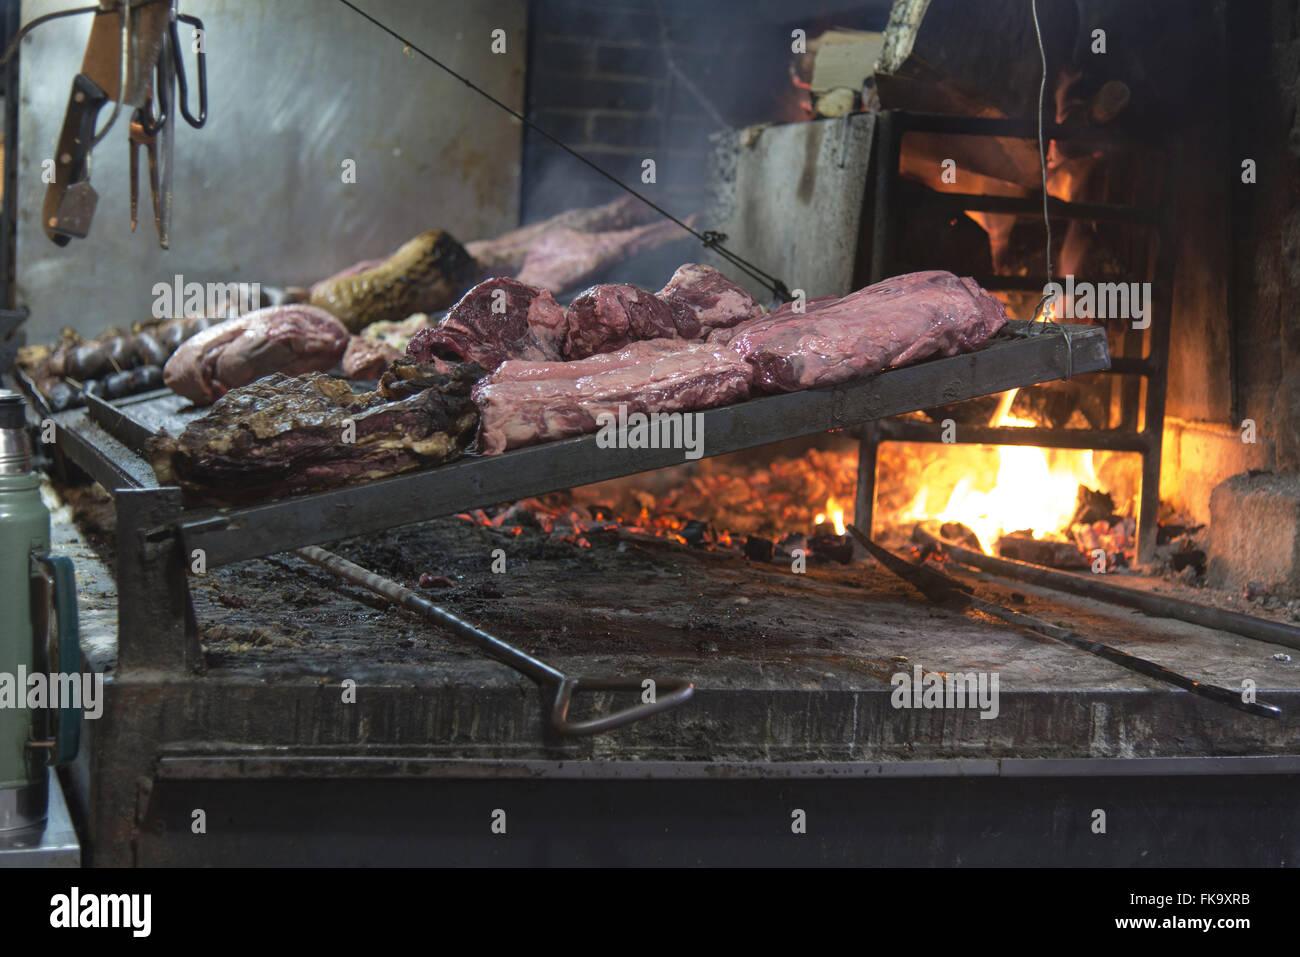 Barbecue prepared in the Port Market - Stock Image